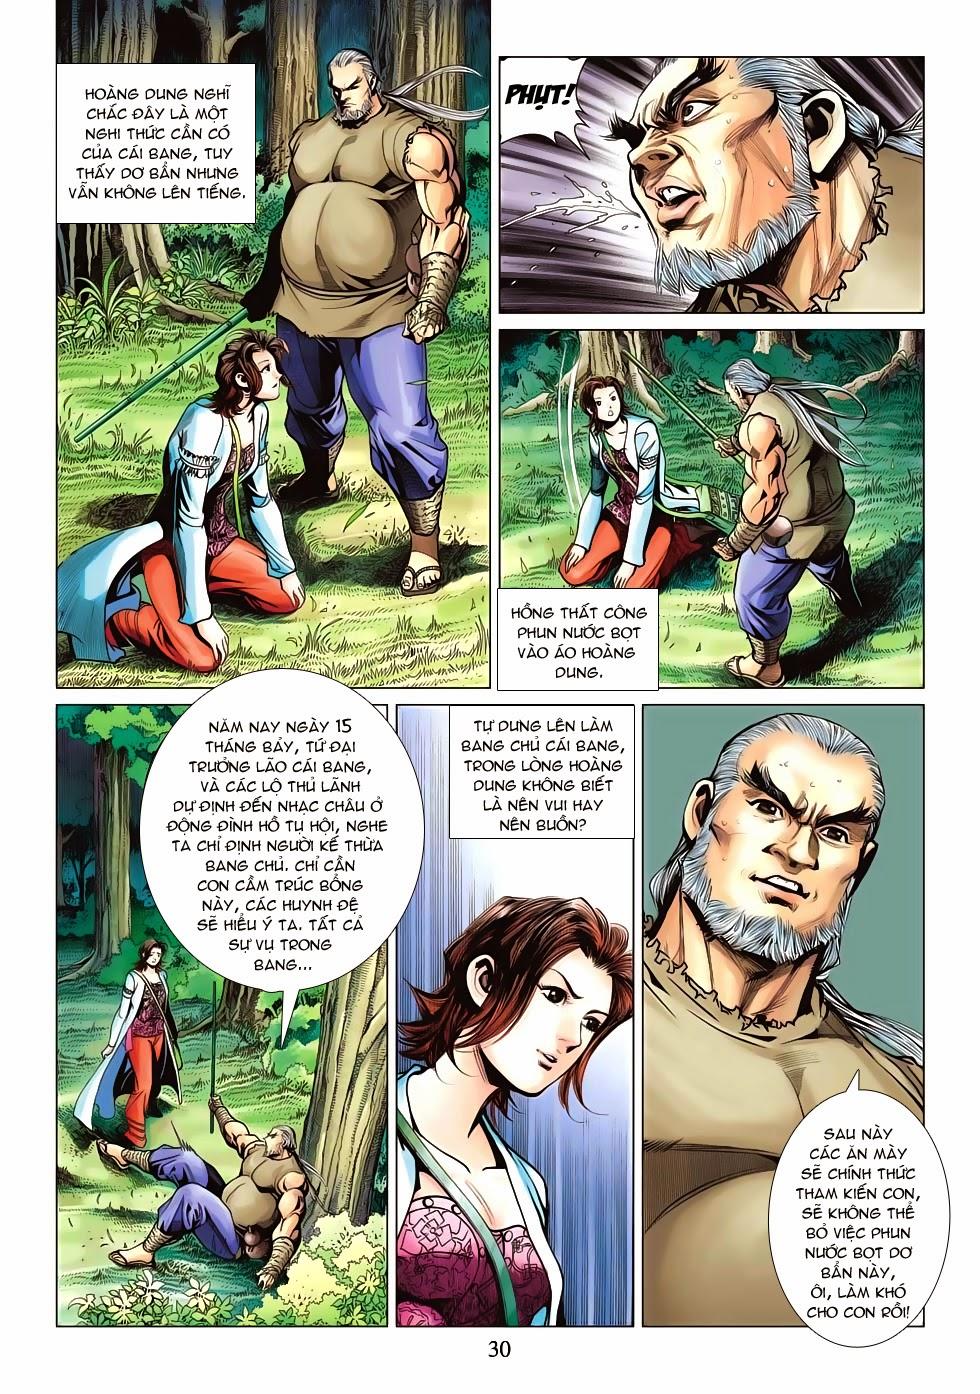 Anh Hùng Xạ Điêu anh hùng xạ đêu chap 53: lâm nguy thụ mệnh đả cẩu học pháp trang 31